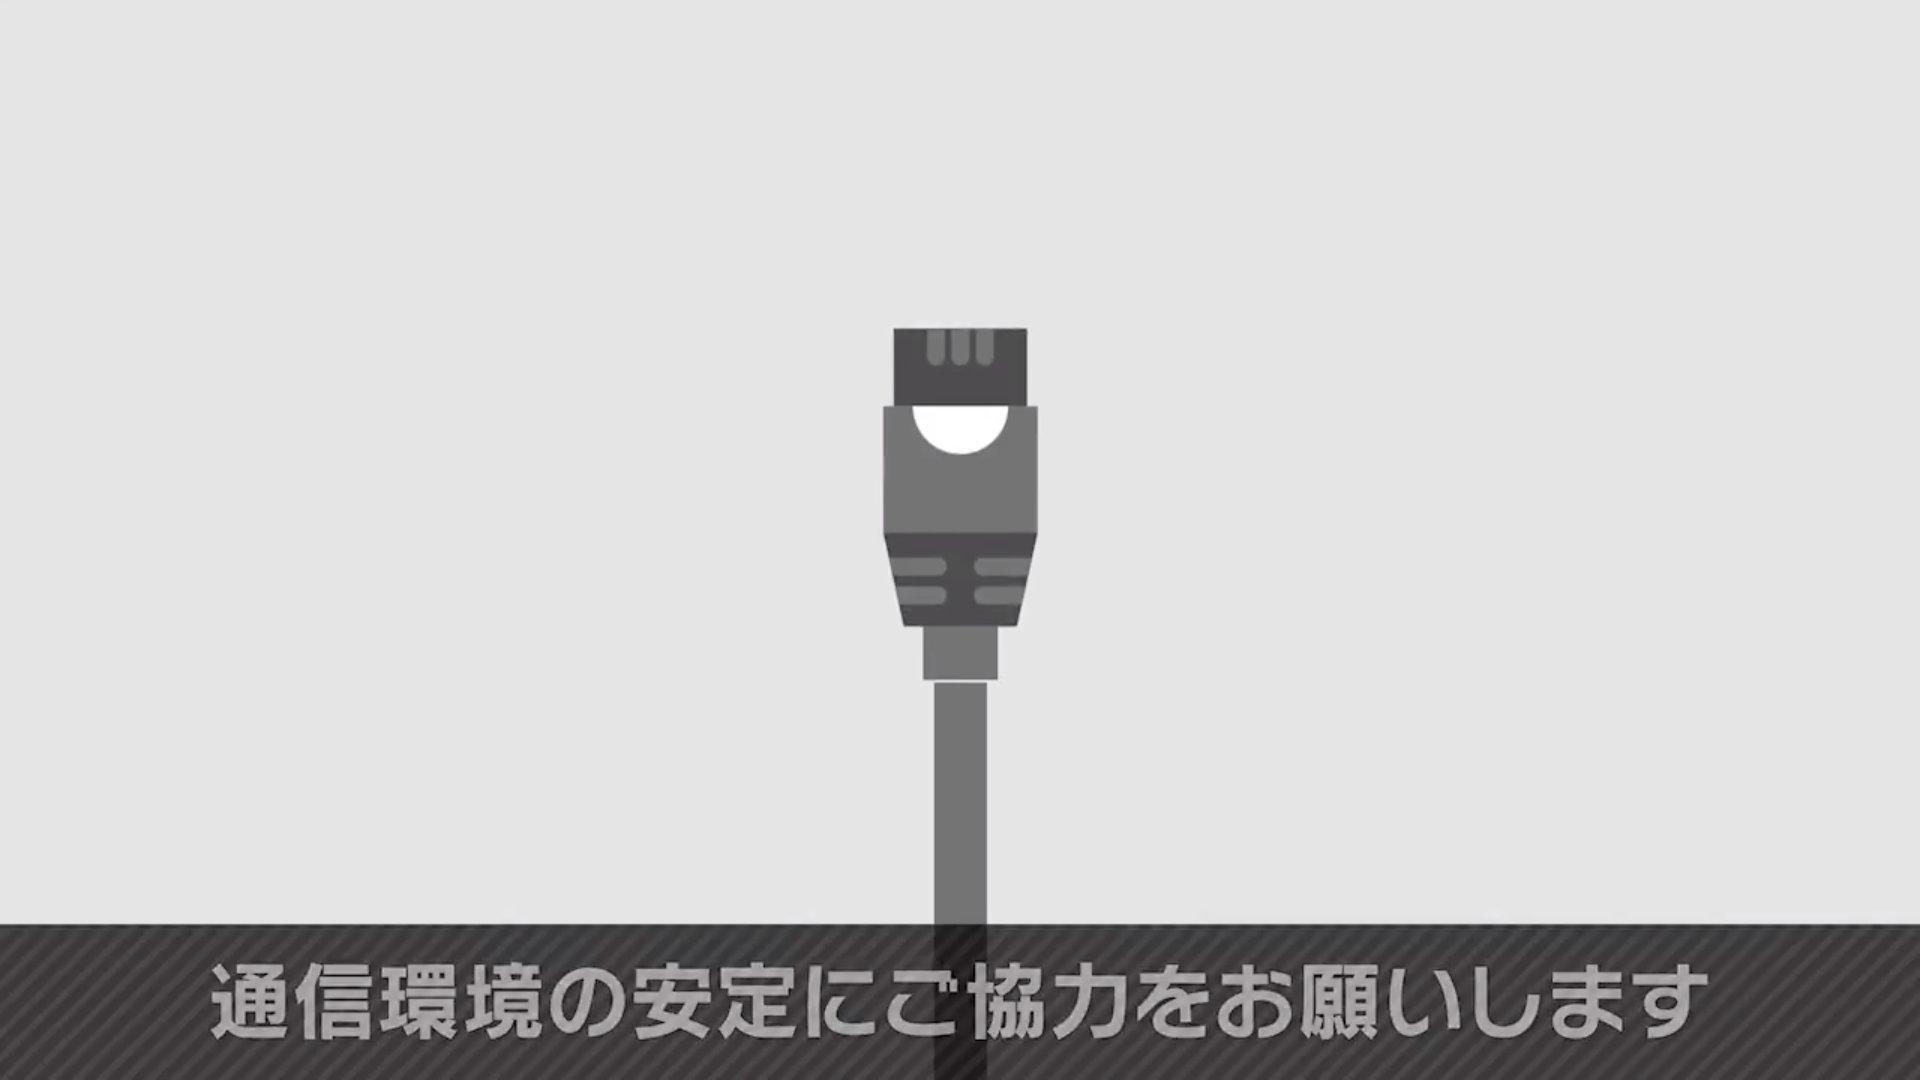 【悲報】スマブラ民、Switchに有線LANポートがついていないのに無線キッズに発狂